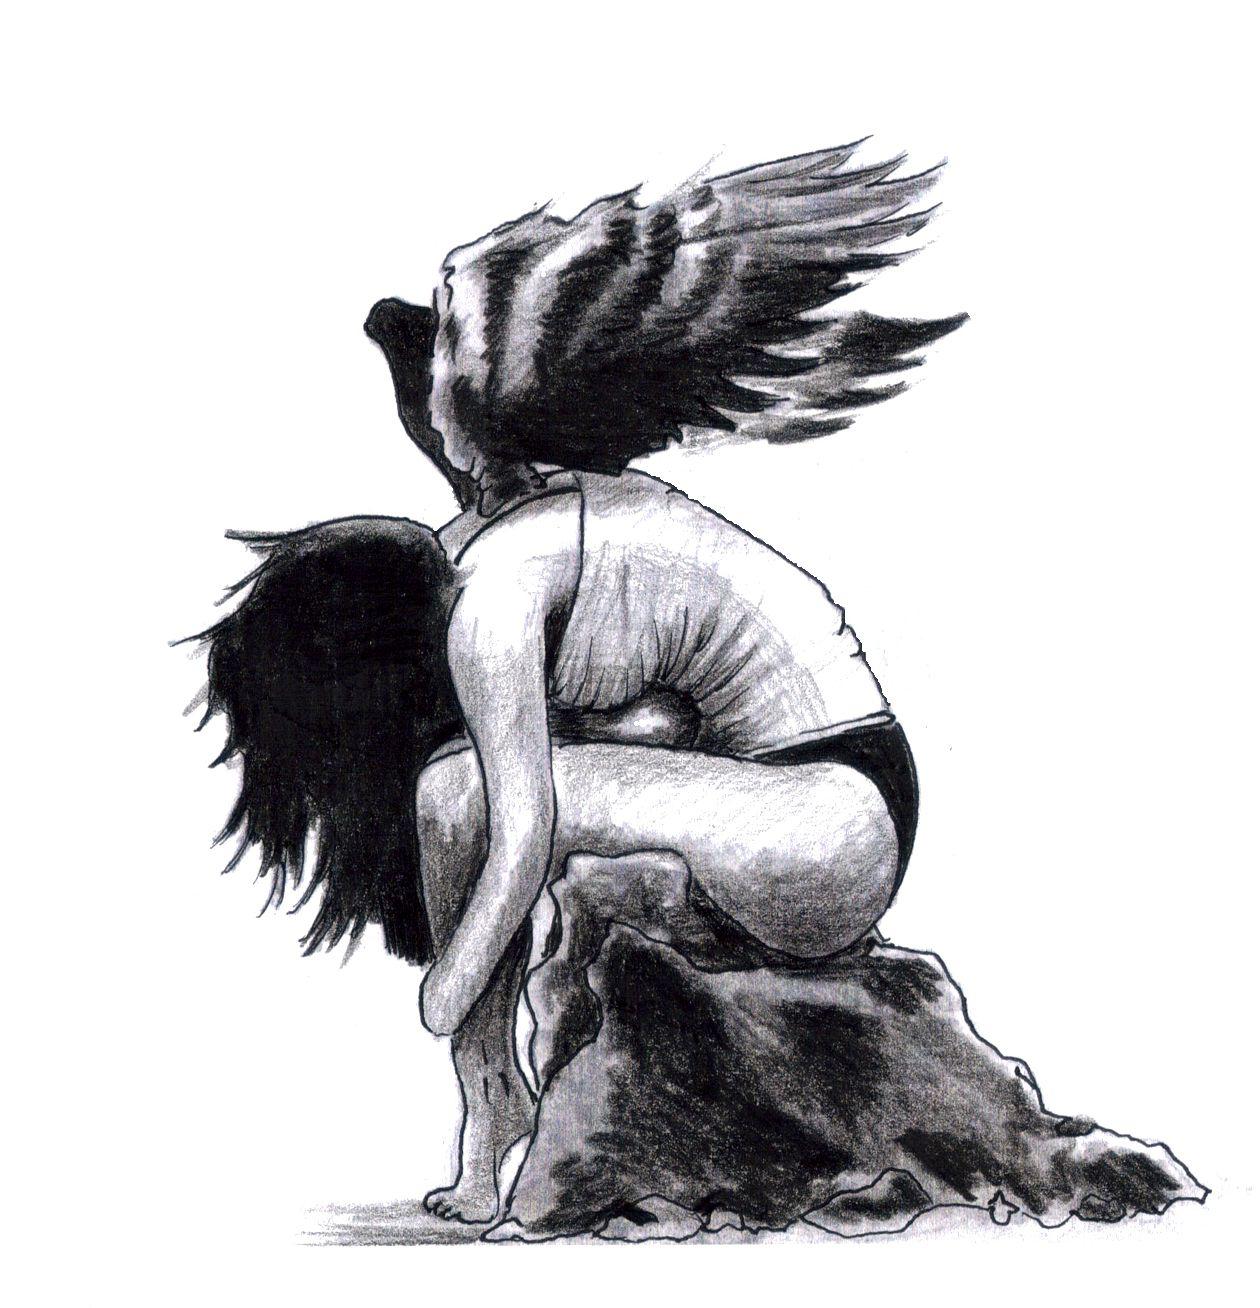 Fallen angel ii other world pinterest angel sketches and fallen angel ii altavistaventures Gallery